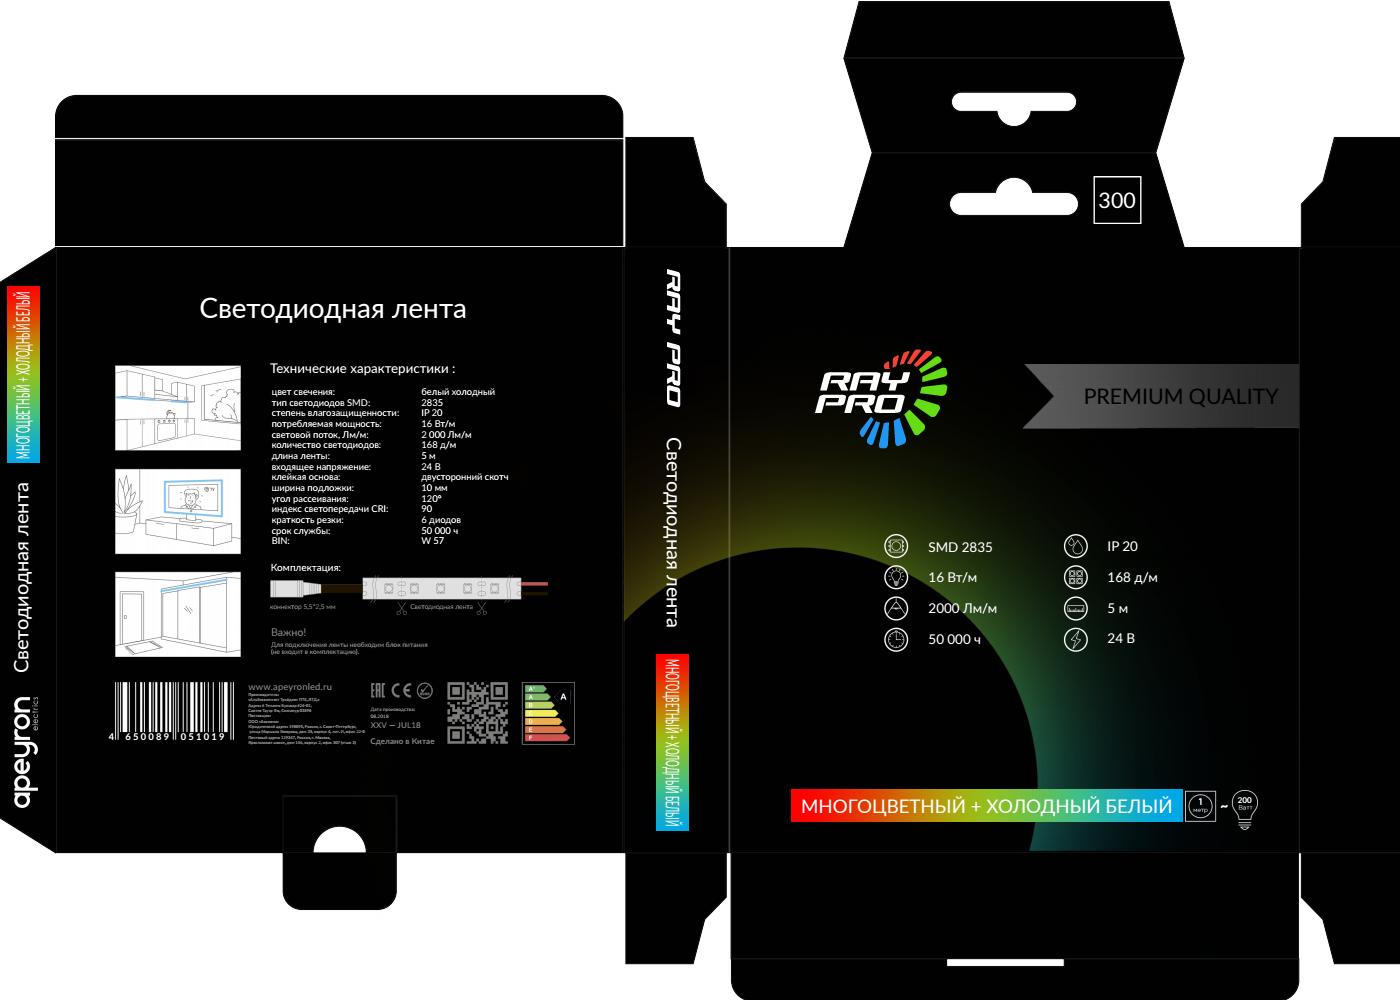 Разработка логотипа (продукт - светодиодная лента) фото f_2635bc308598f75e.png